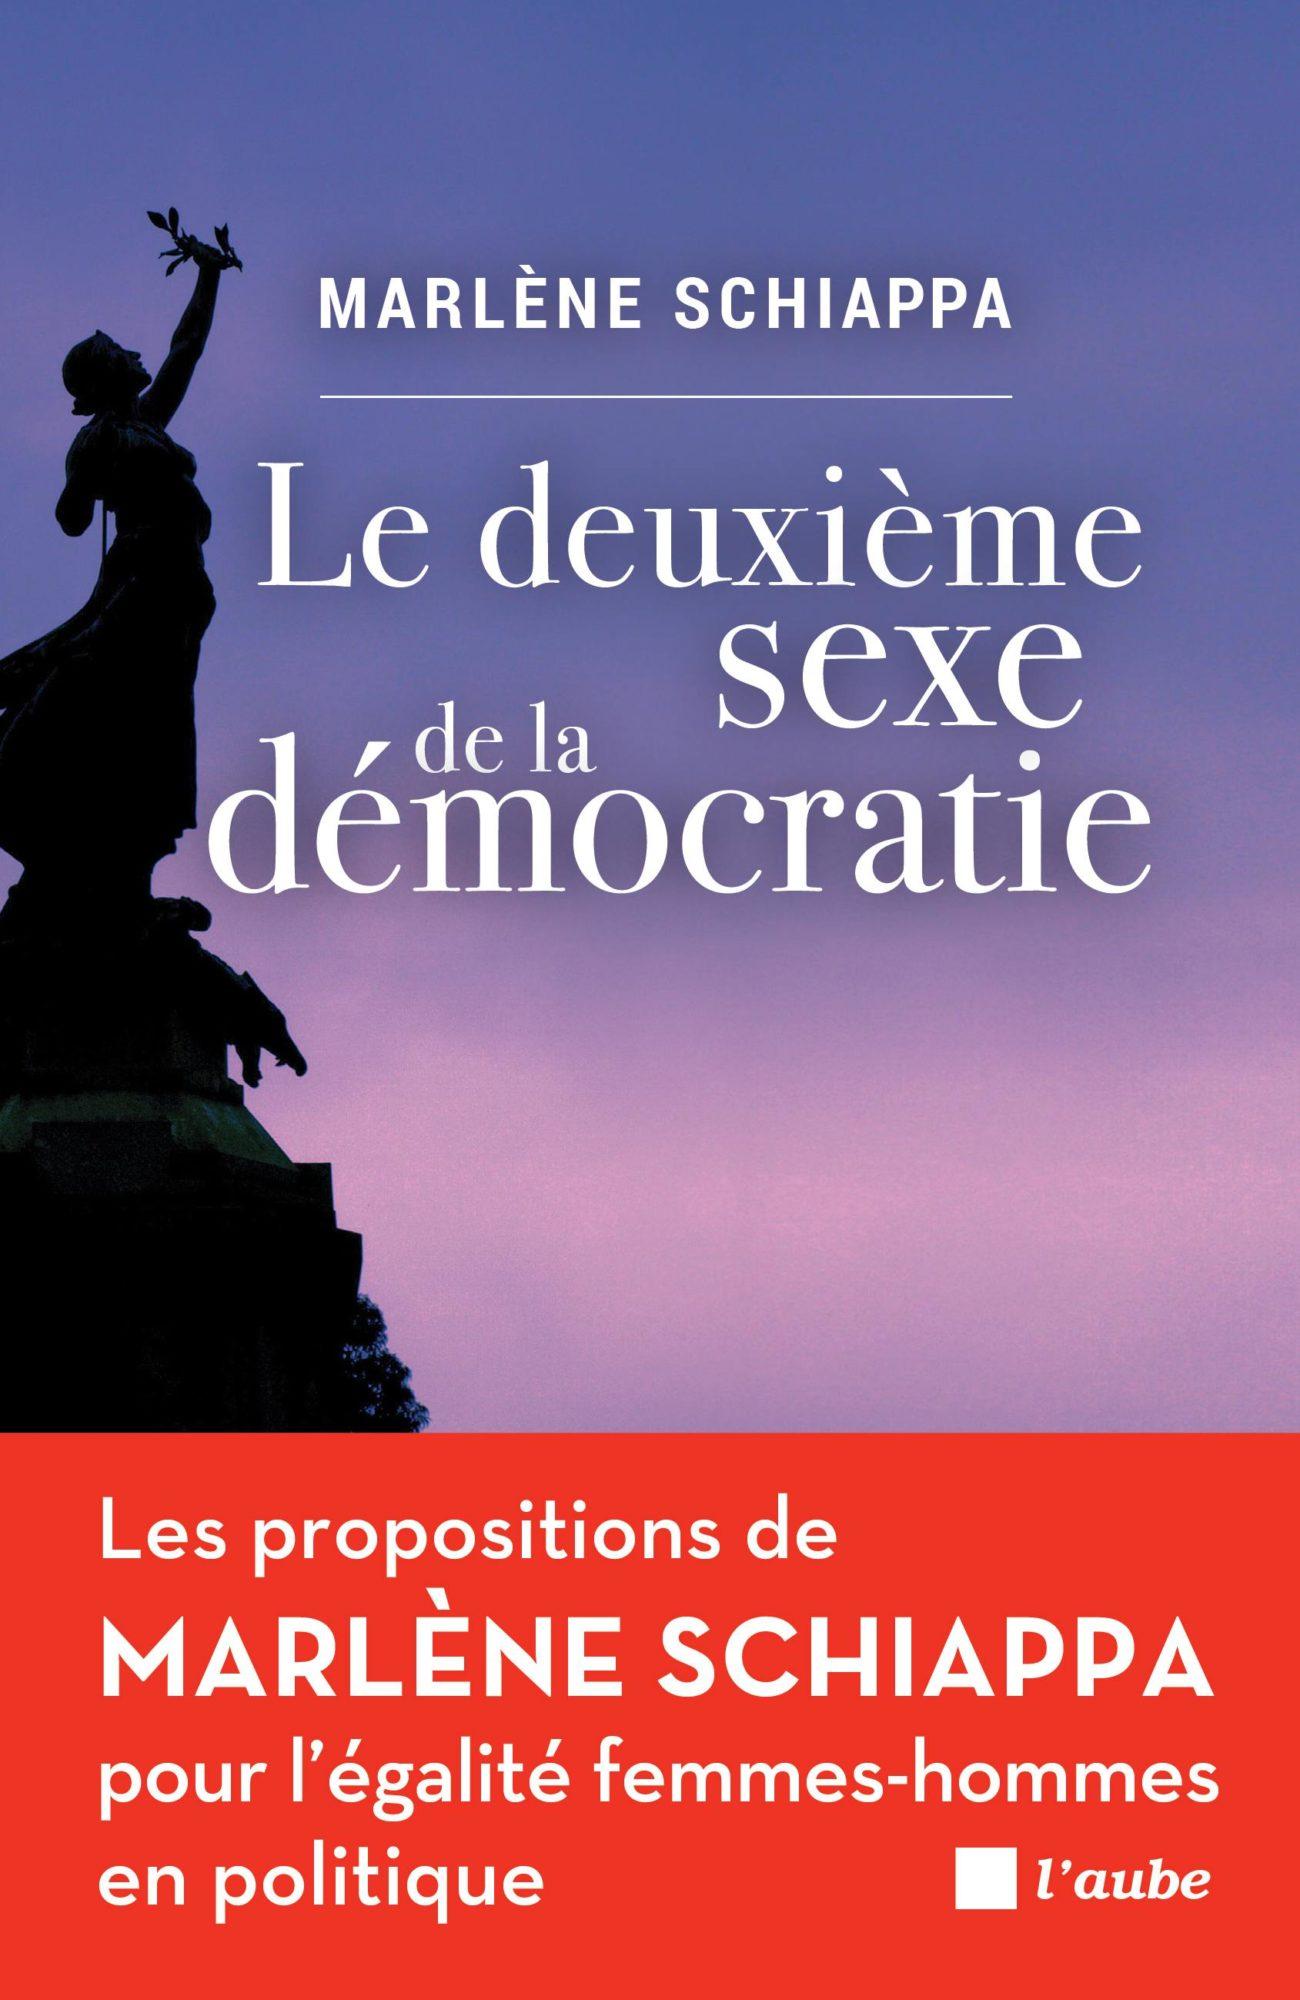 Le deuxième sexe de la démocratie